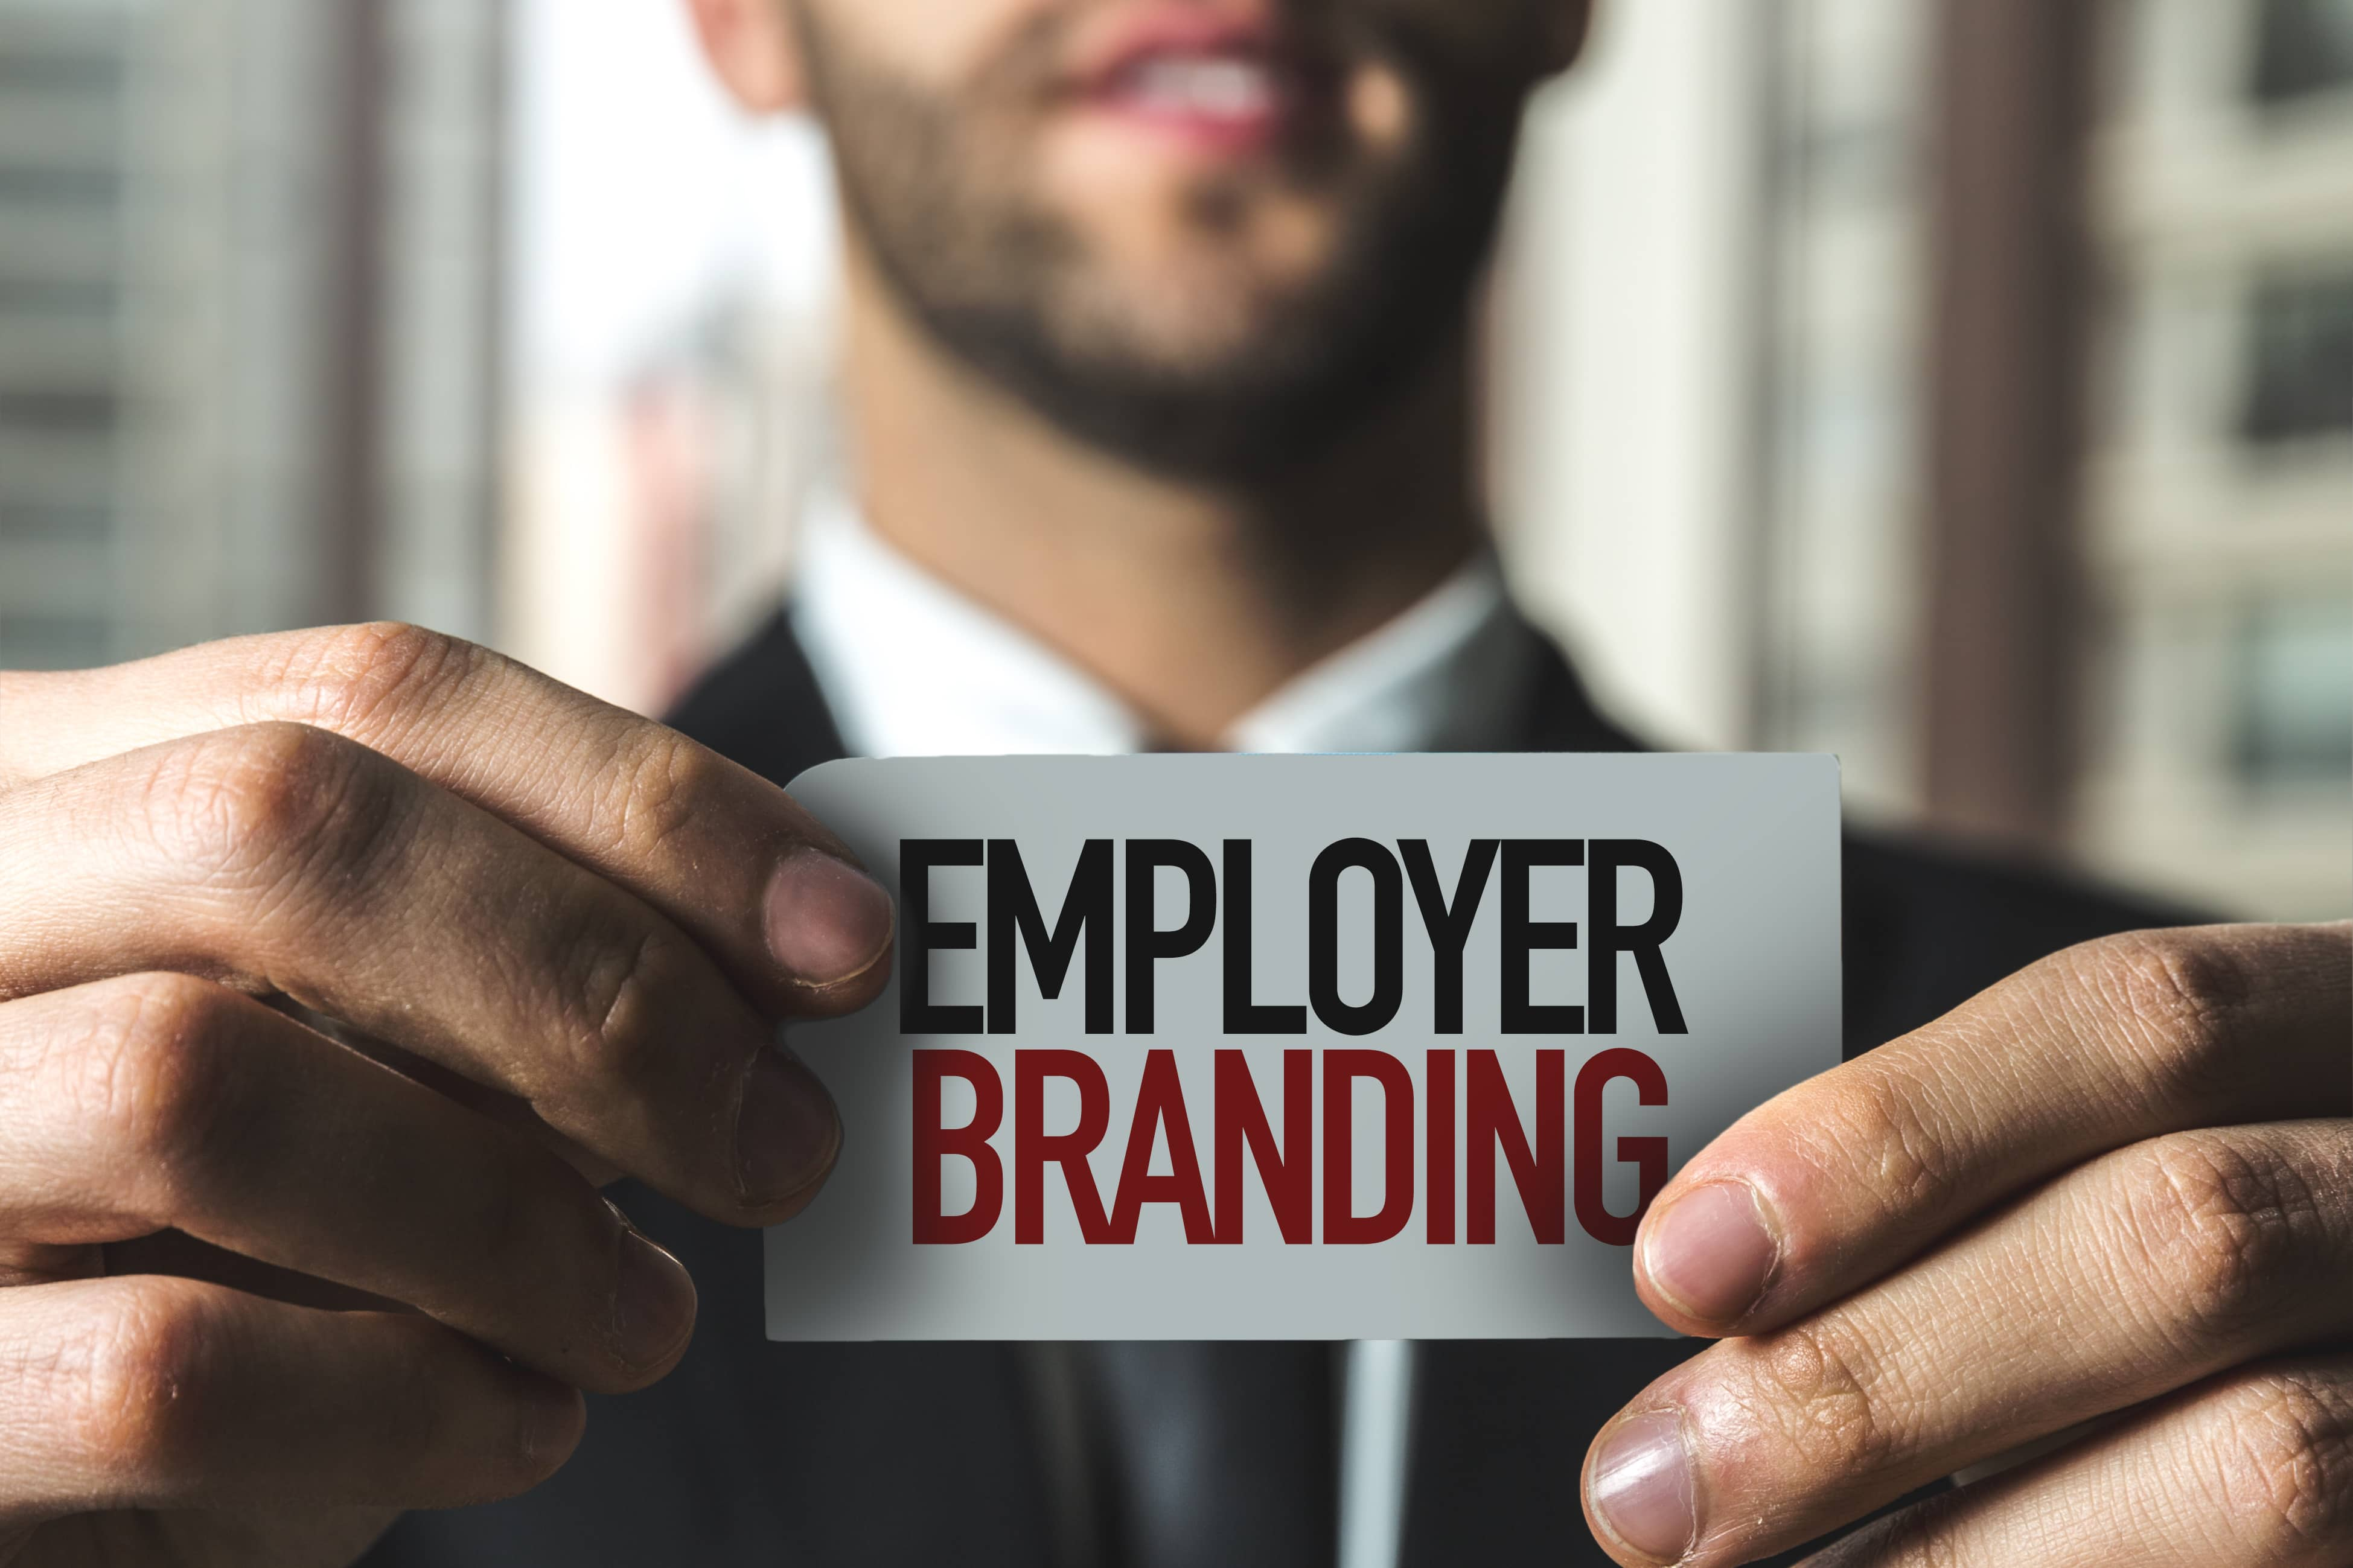 Videos als Employer Branding - Instrument